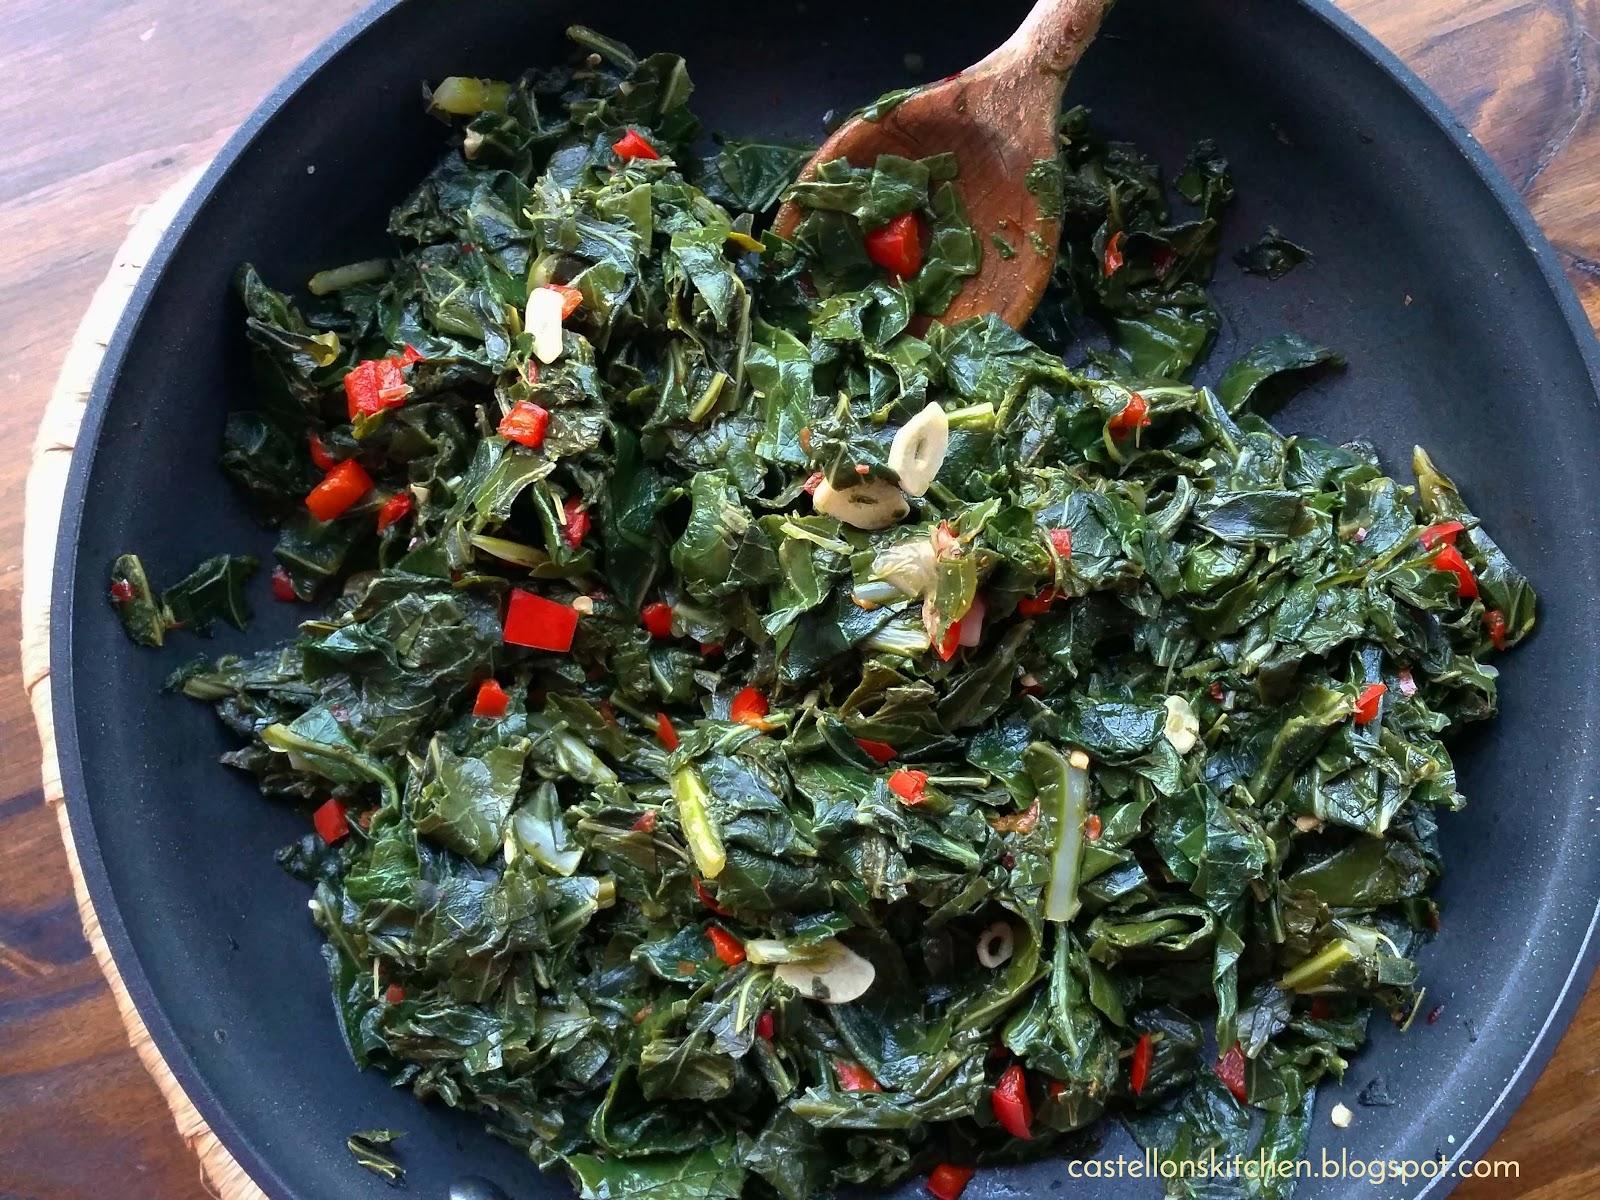 Castellon's Kitchen: Sauteed Collard Greens